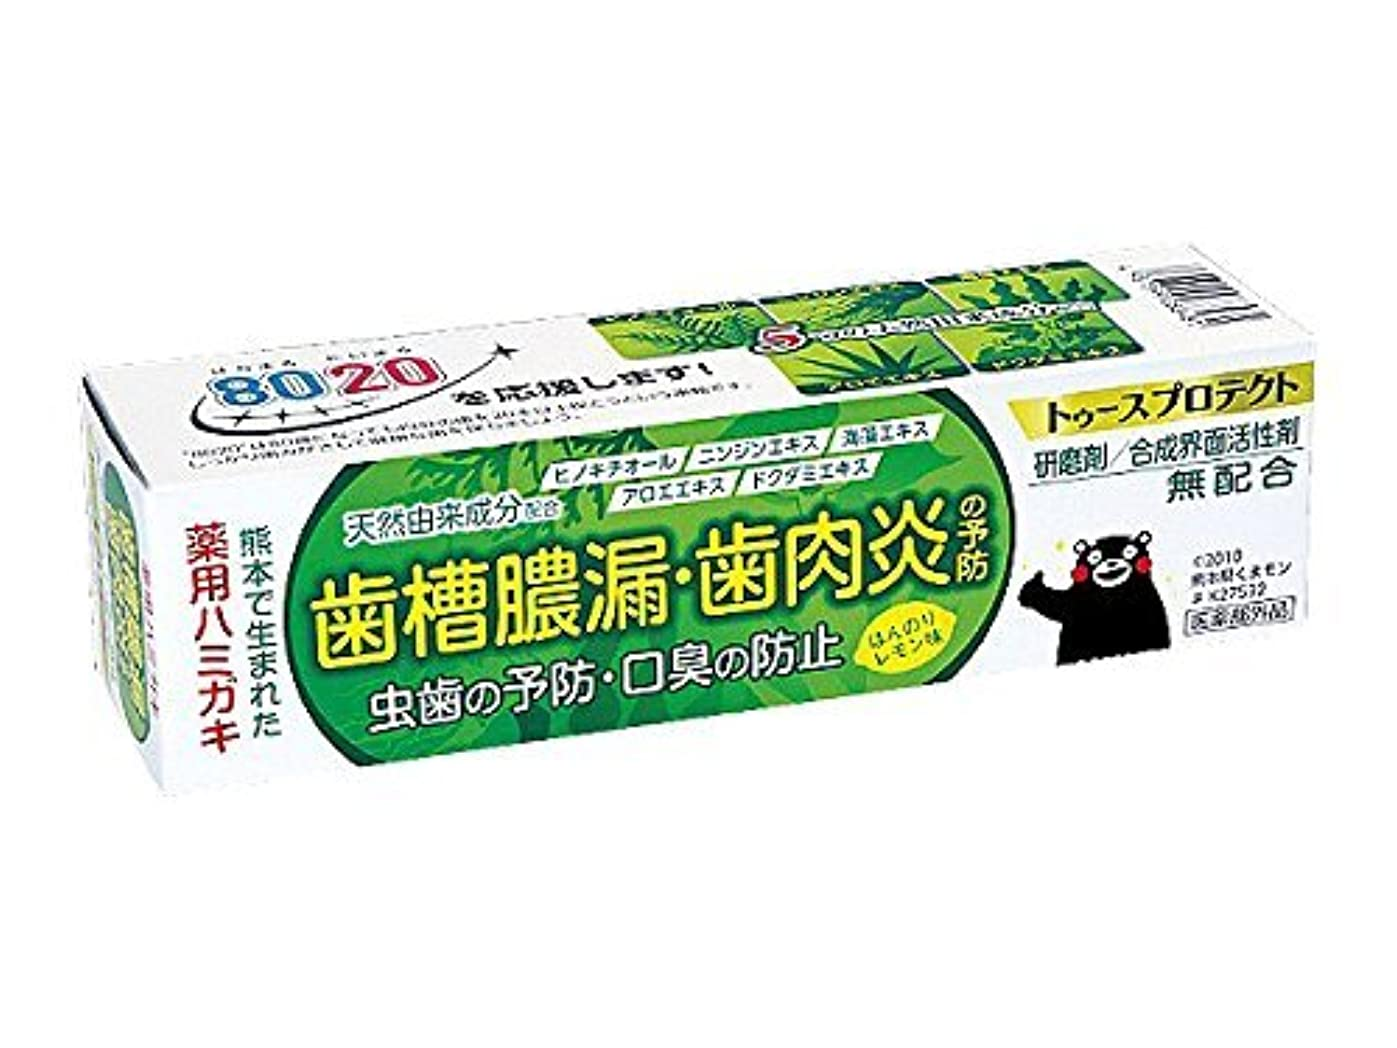 検体ステージ過言【3個セット】トゥースプロテクト100g [医薬部外品]